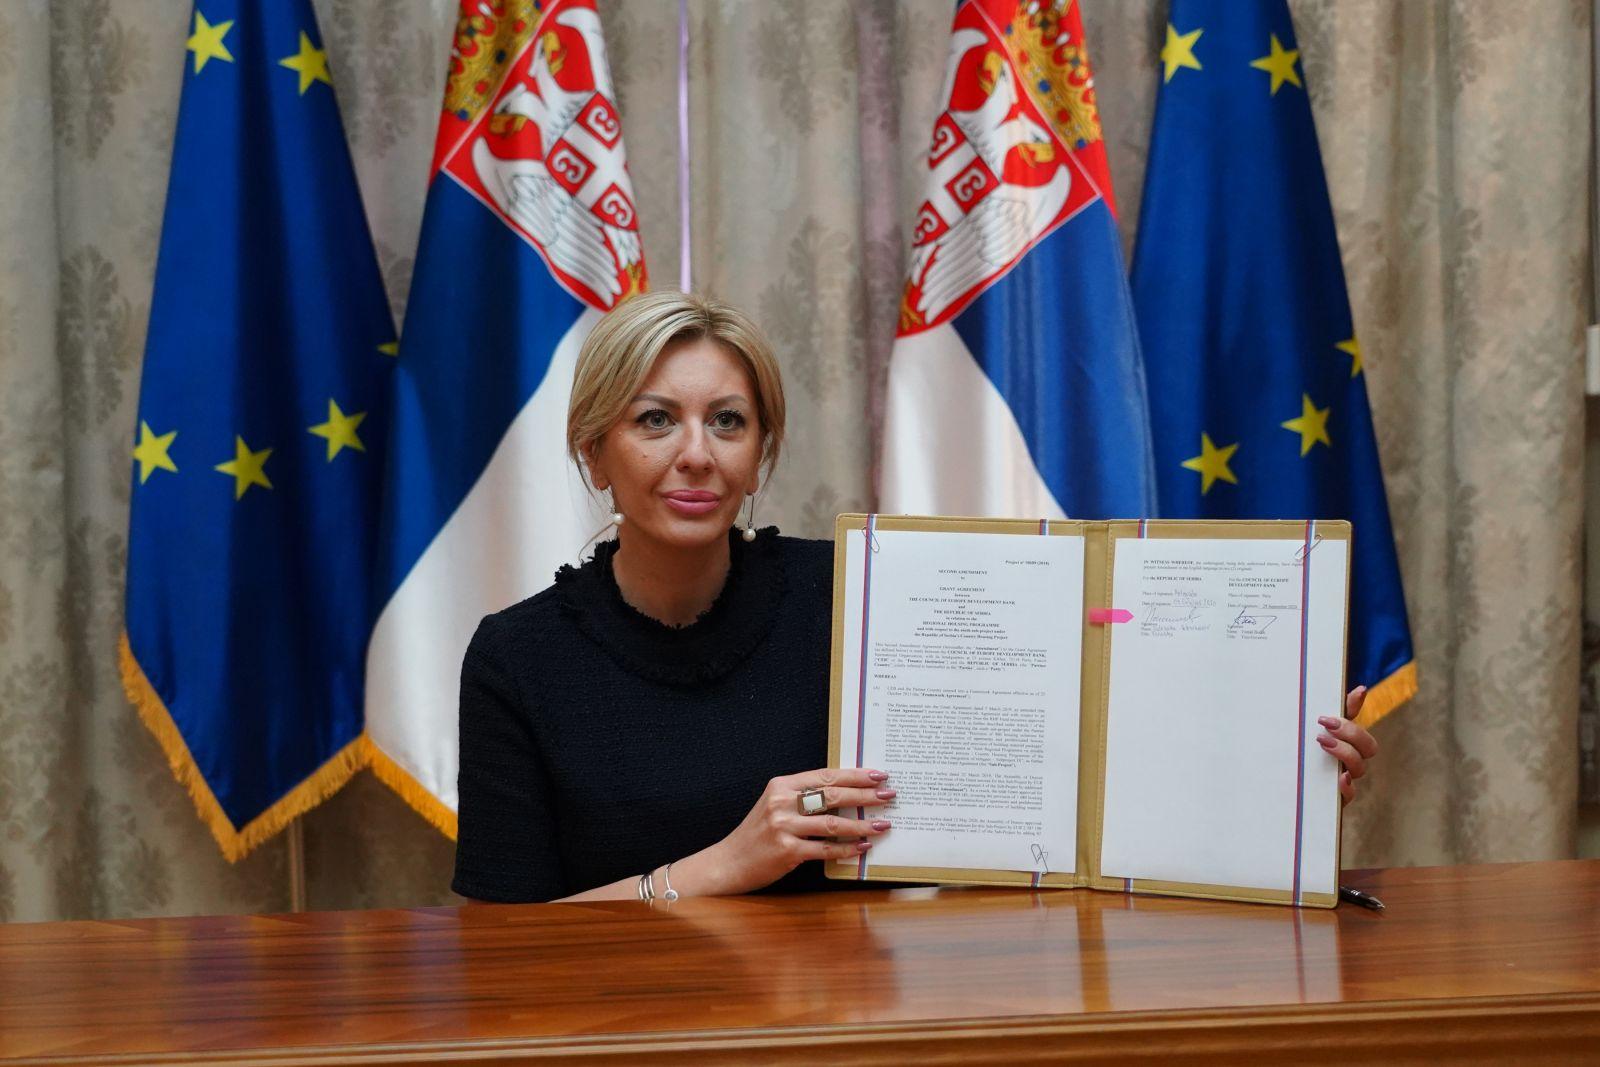 Ј. Јоксимовић: Четири милиона евра за стамбено збрињавање избеглица